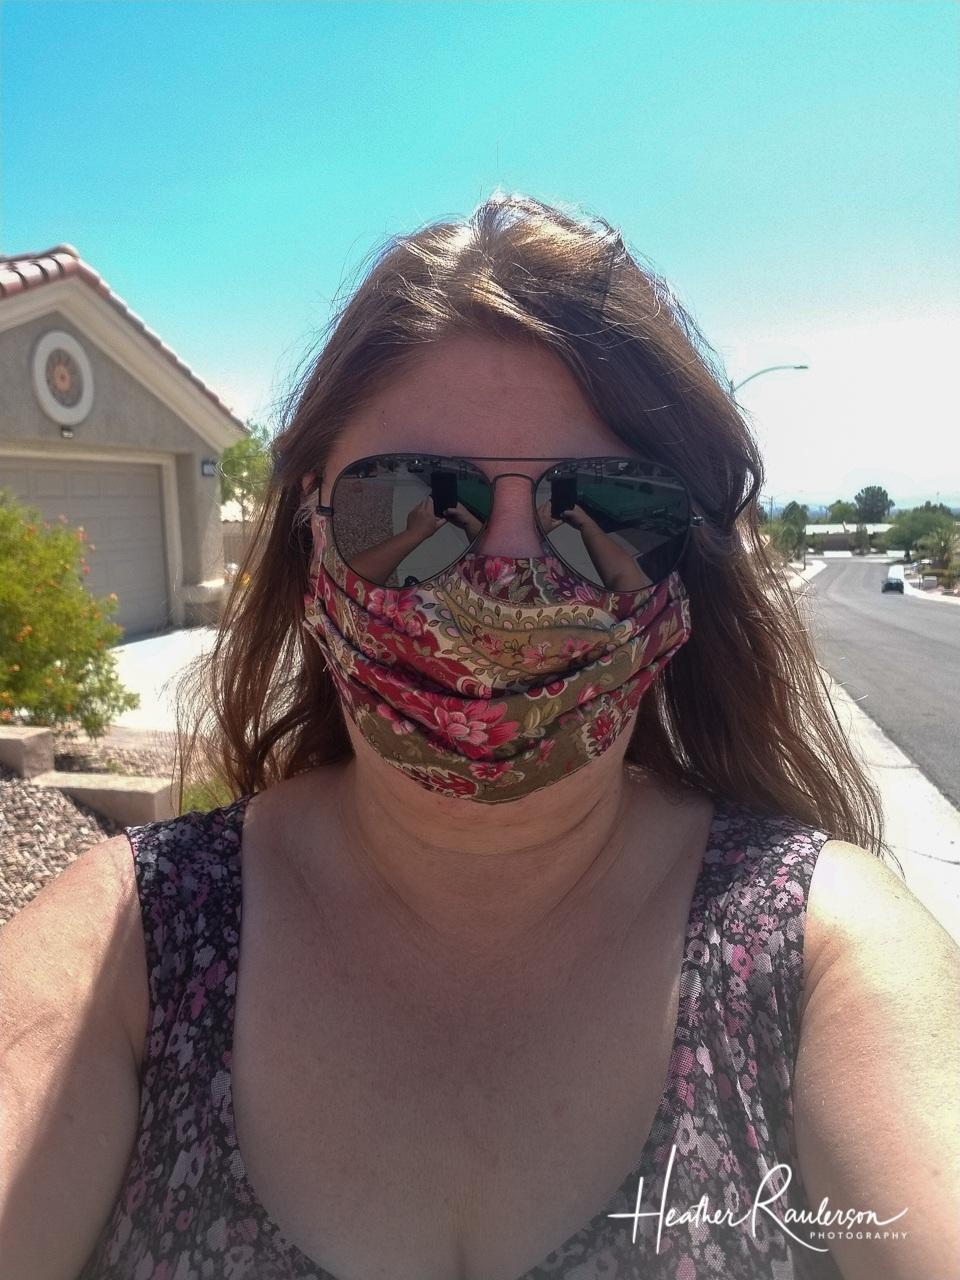 Heather in Summerlin, Las Vegas